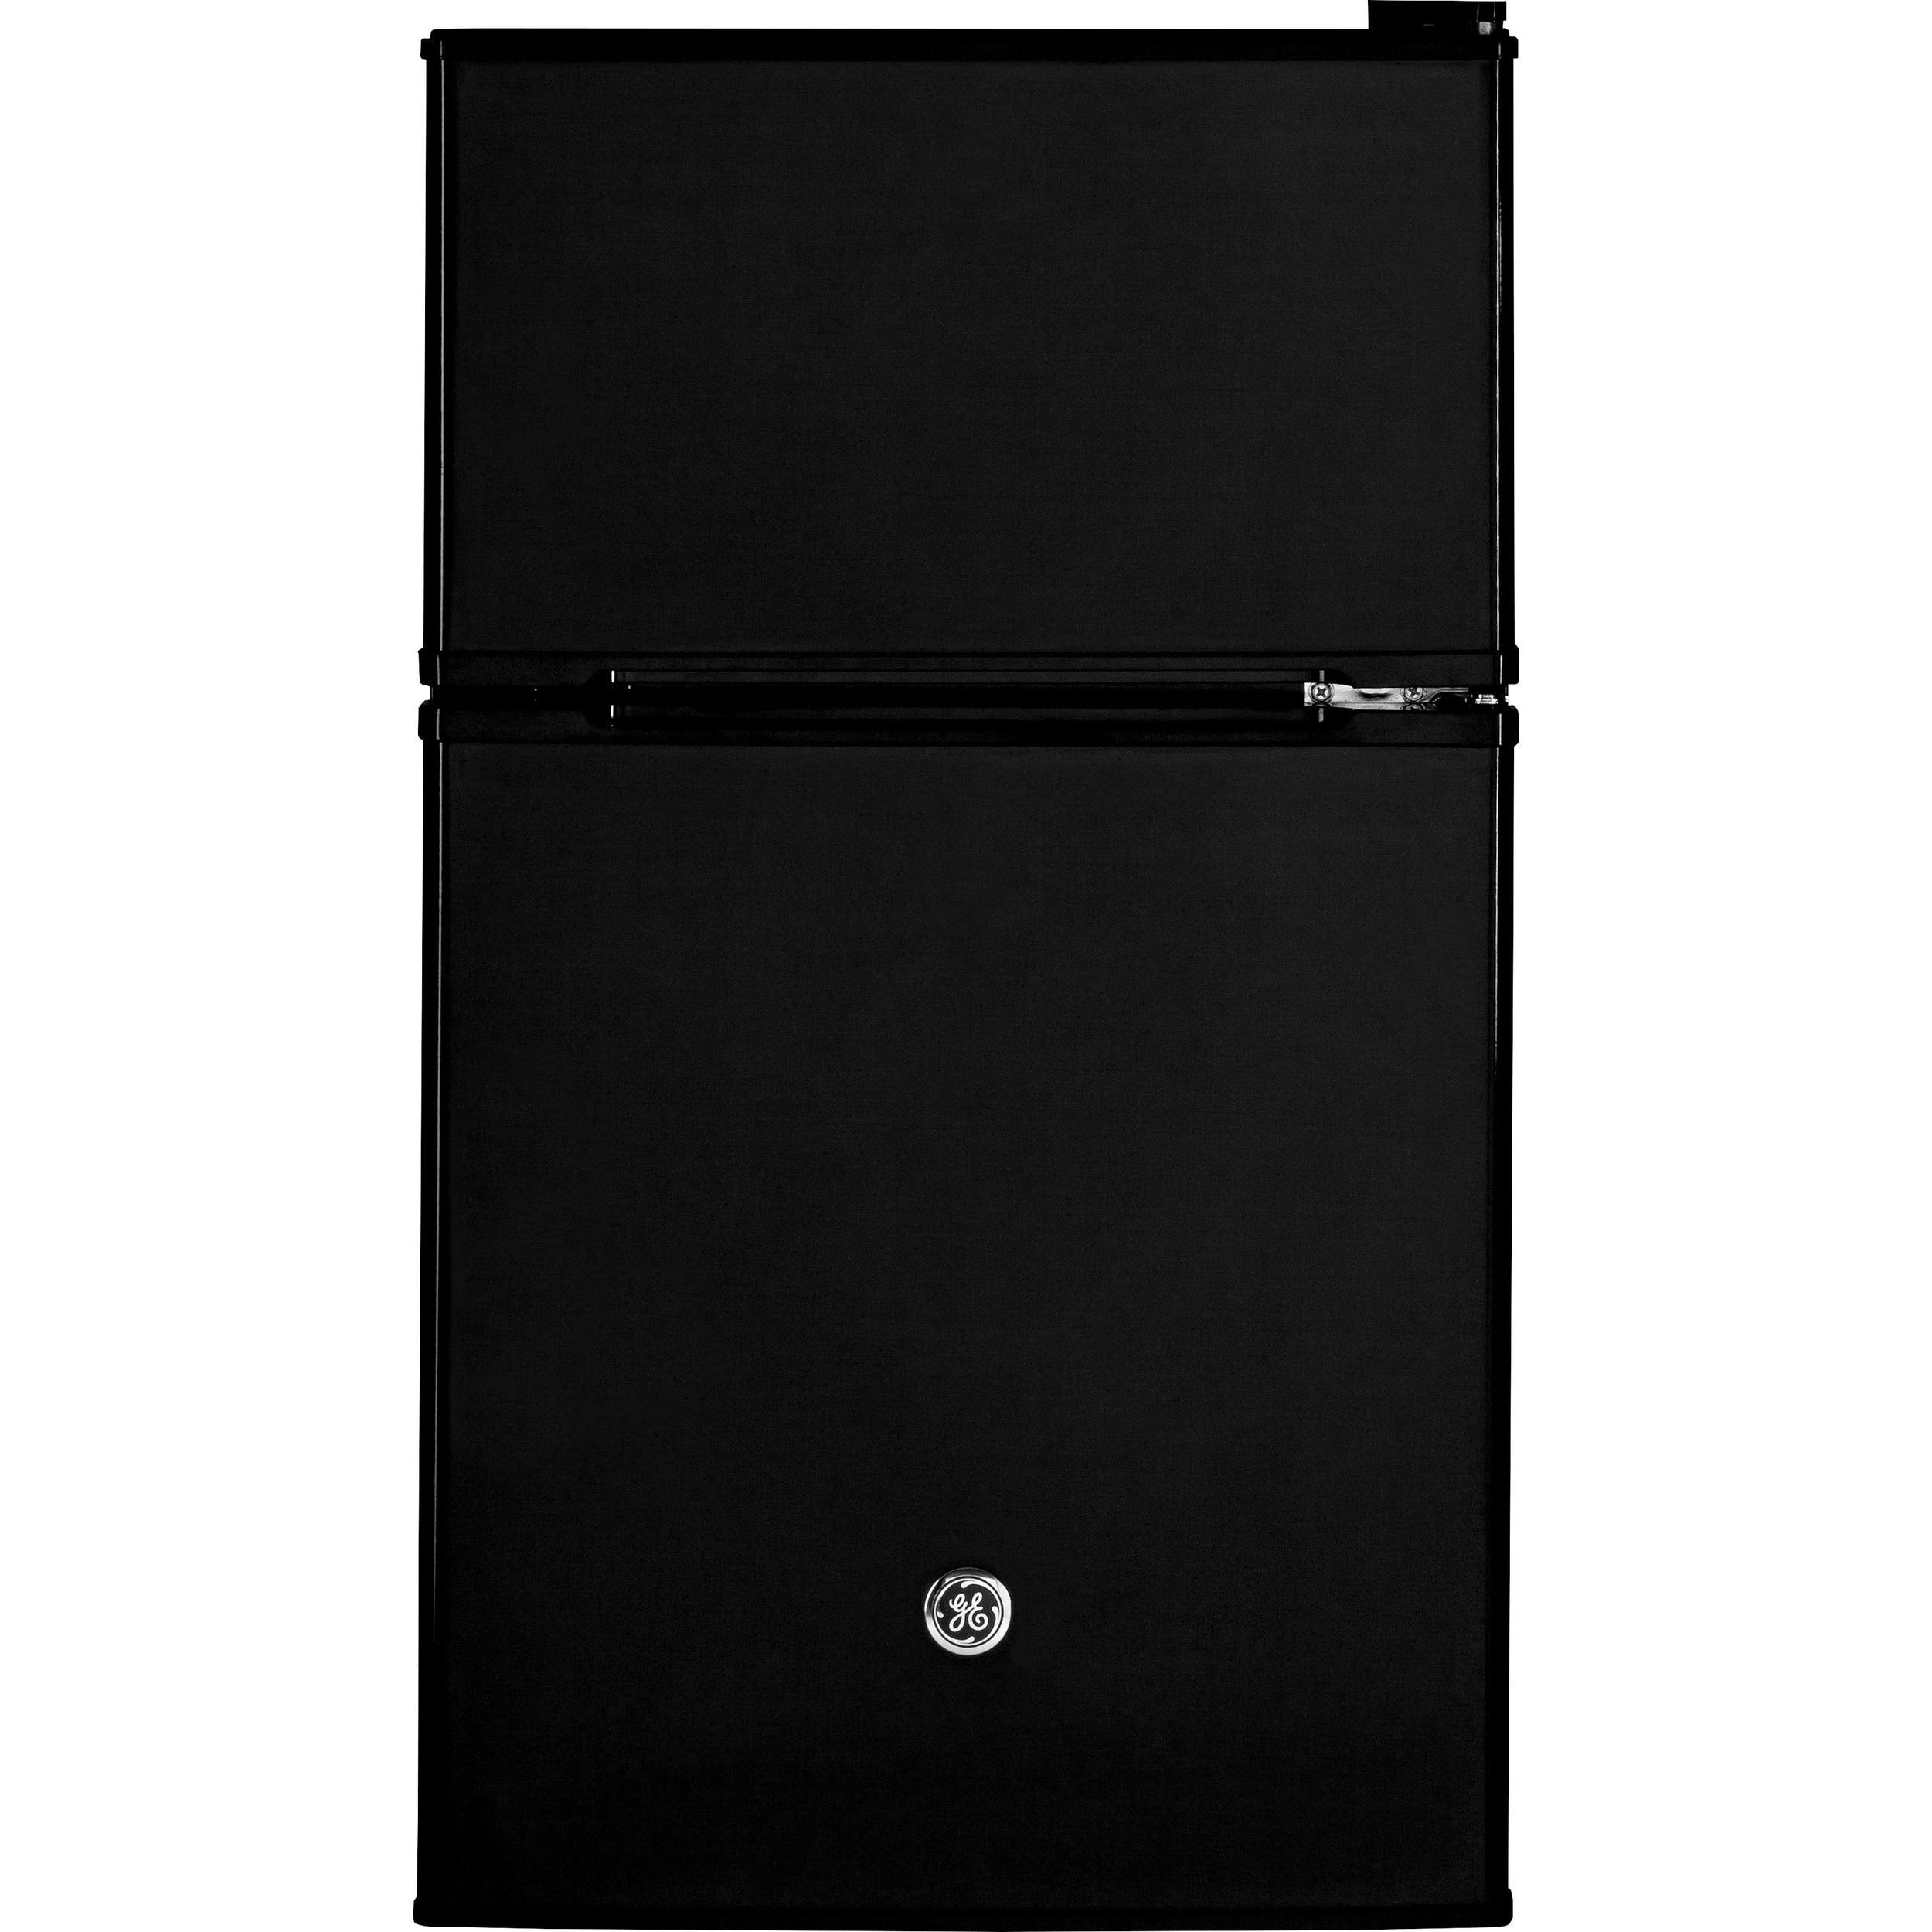 GE Black Double-Door Compact Refrigerator